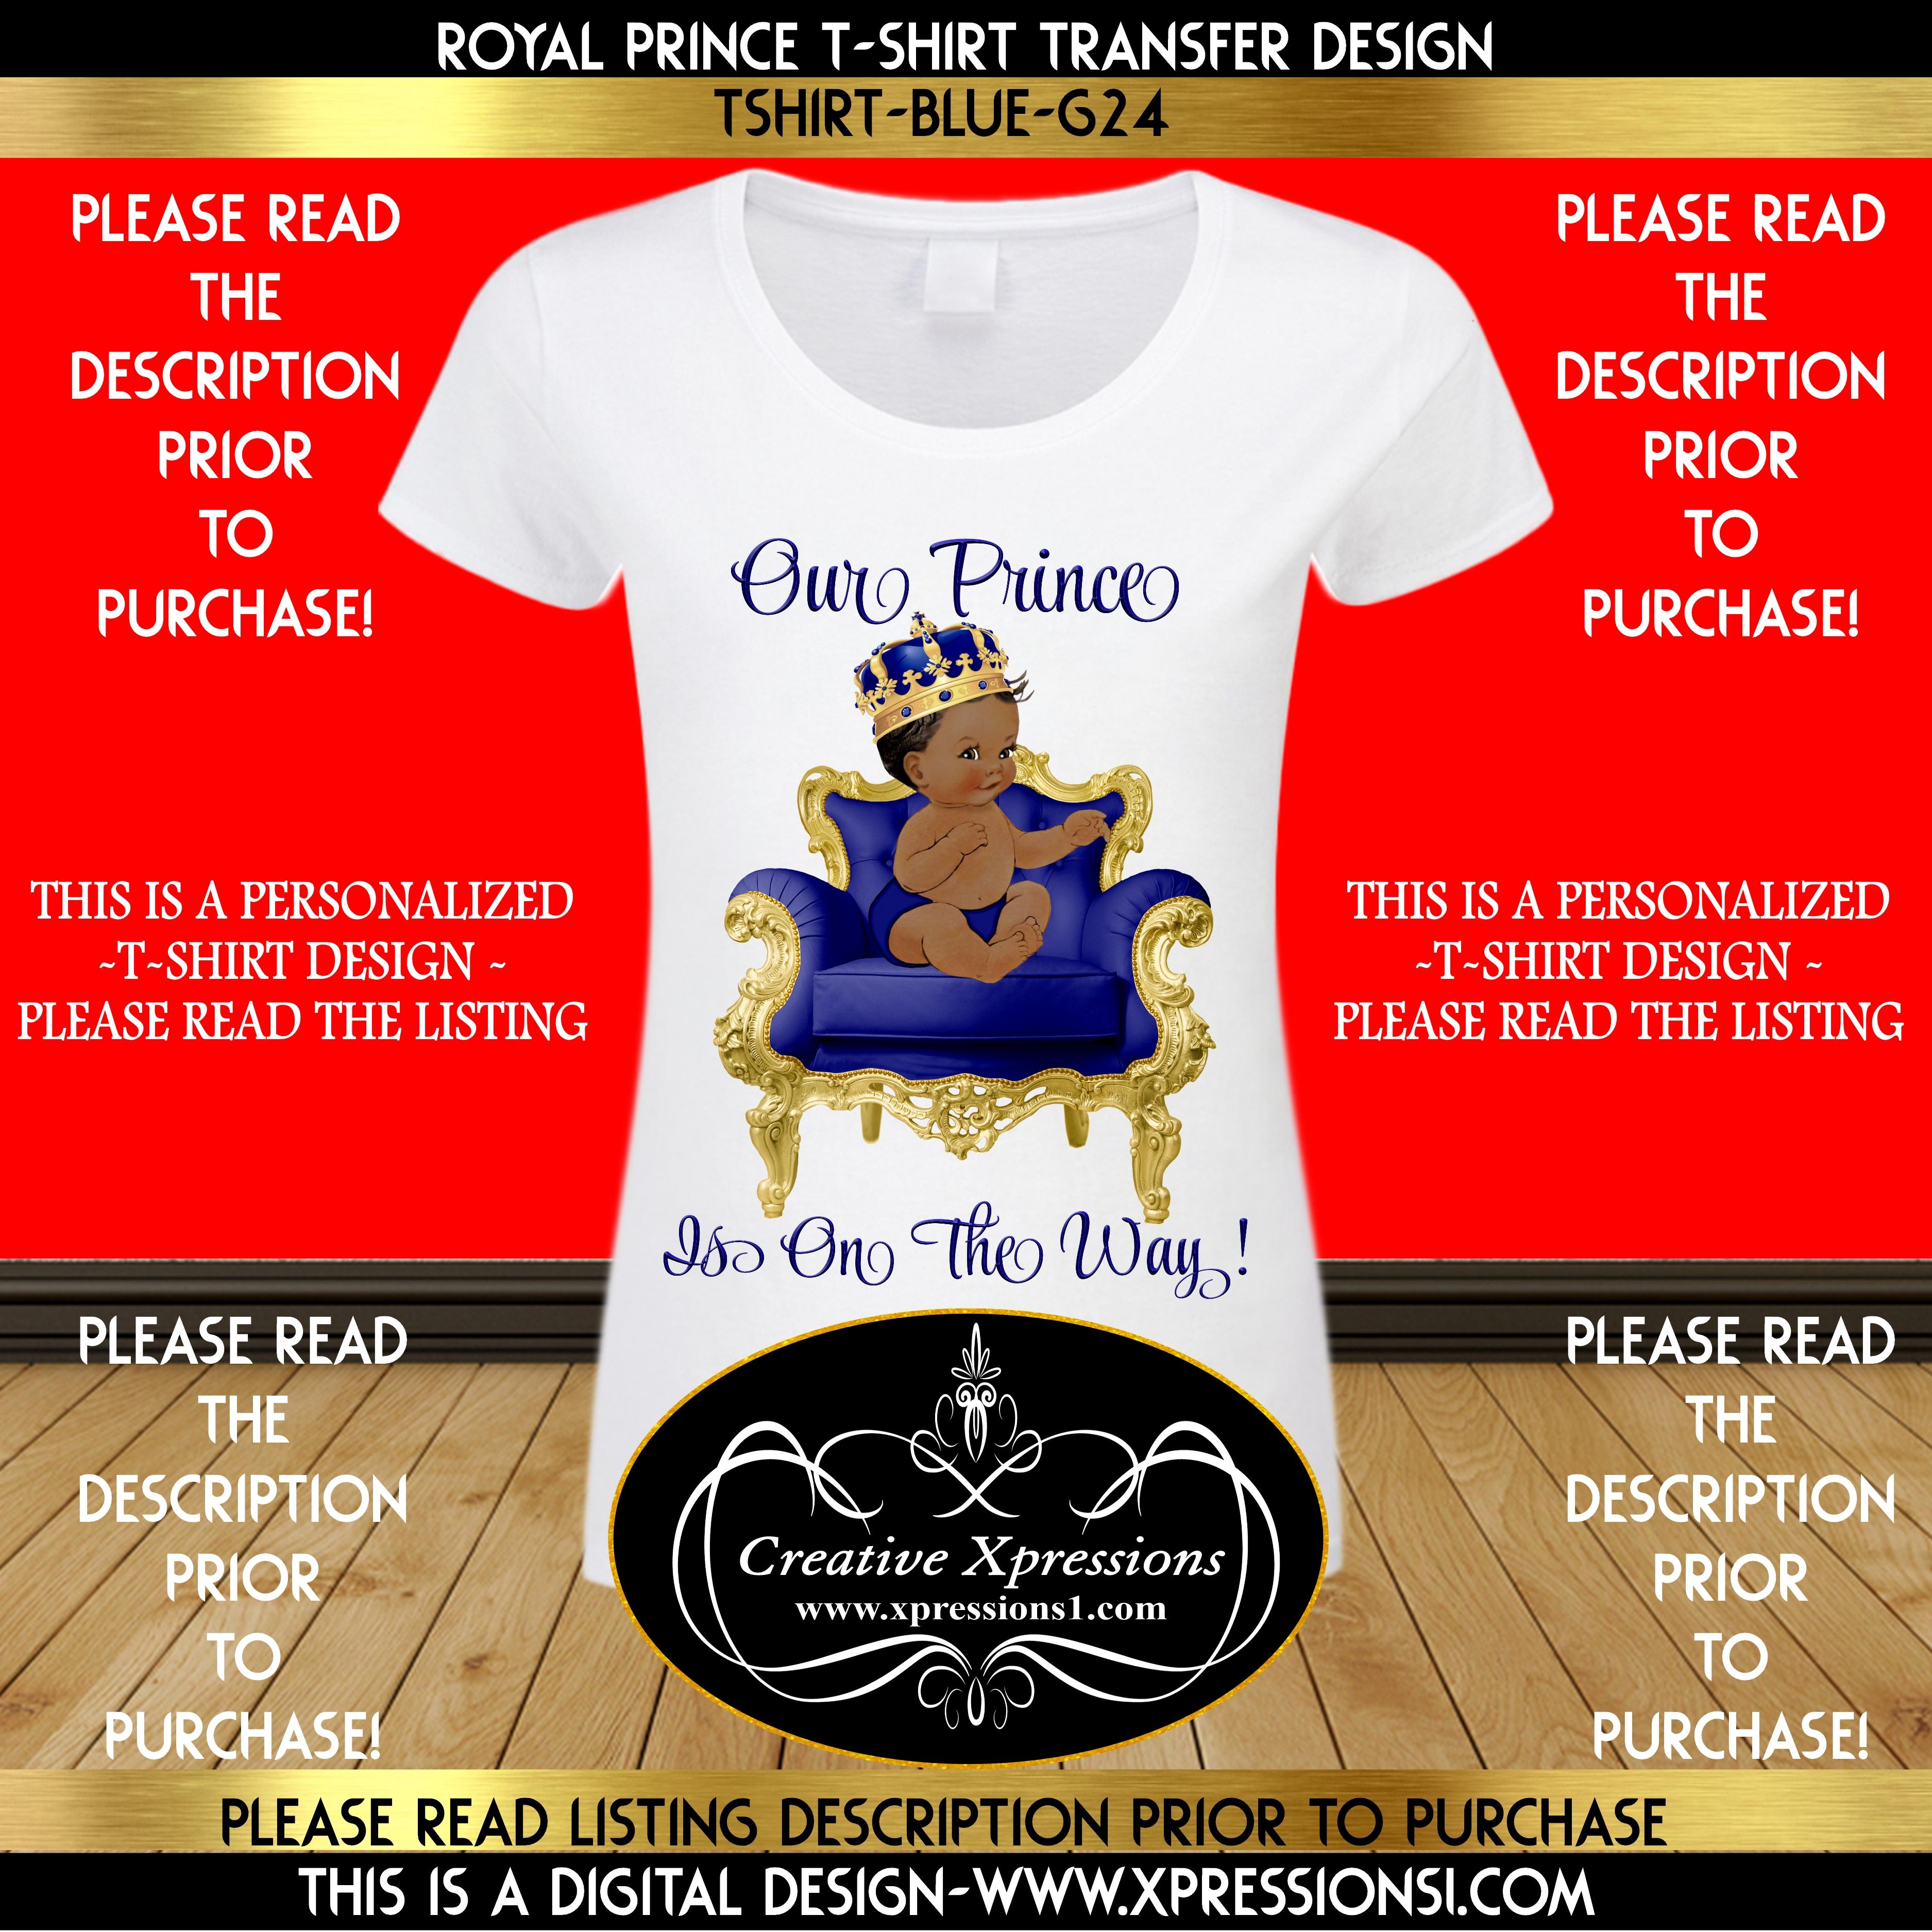 Royal Prince Tshirt